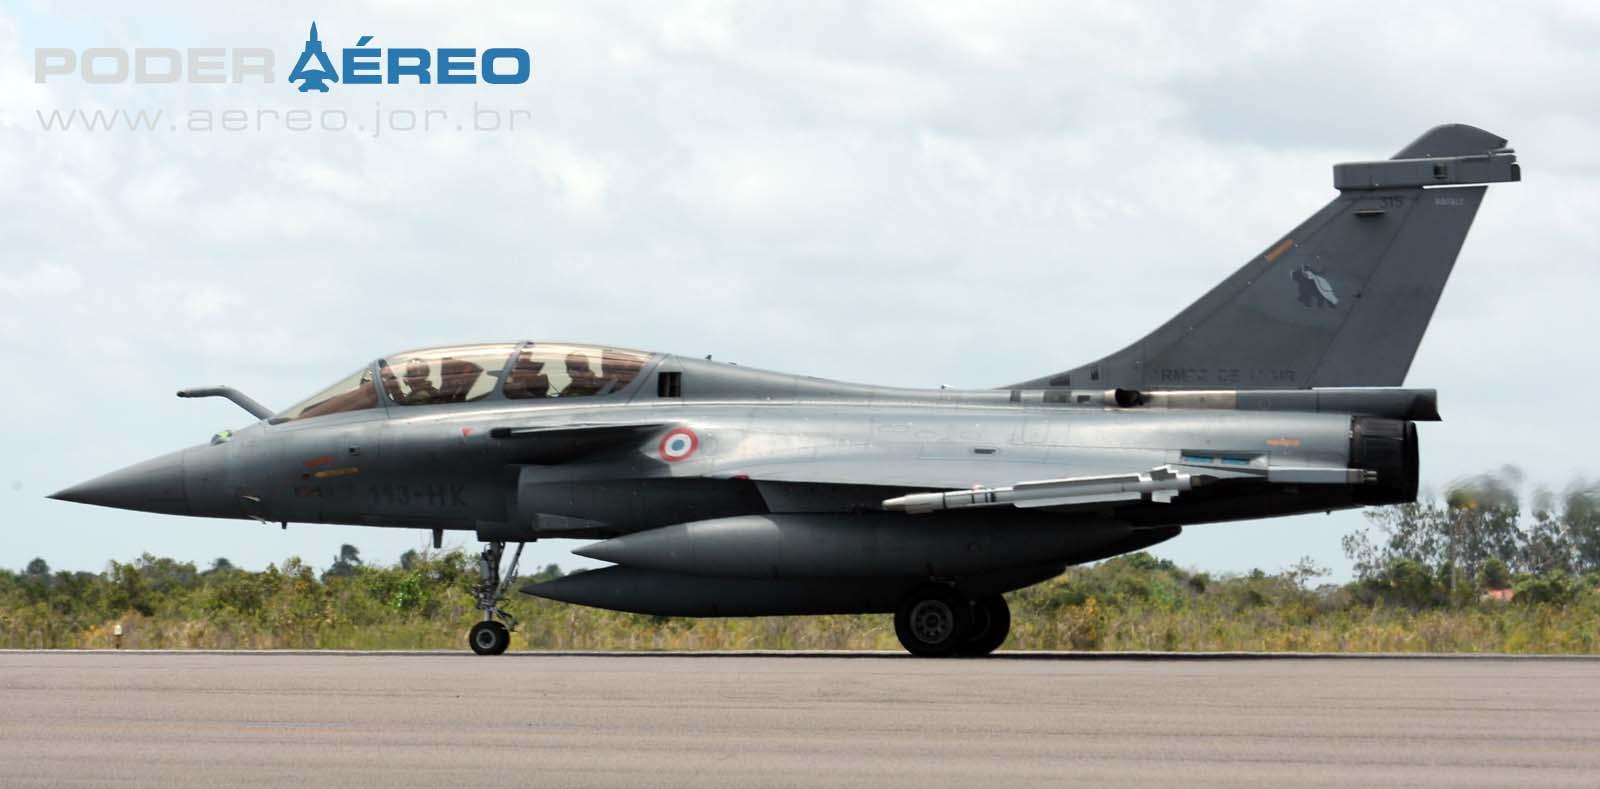 X2 - Poder Aéreo - Forças Aéreas, Indústria Aeronáutica e de Defesa